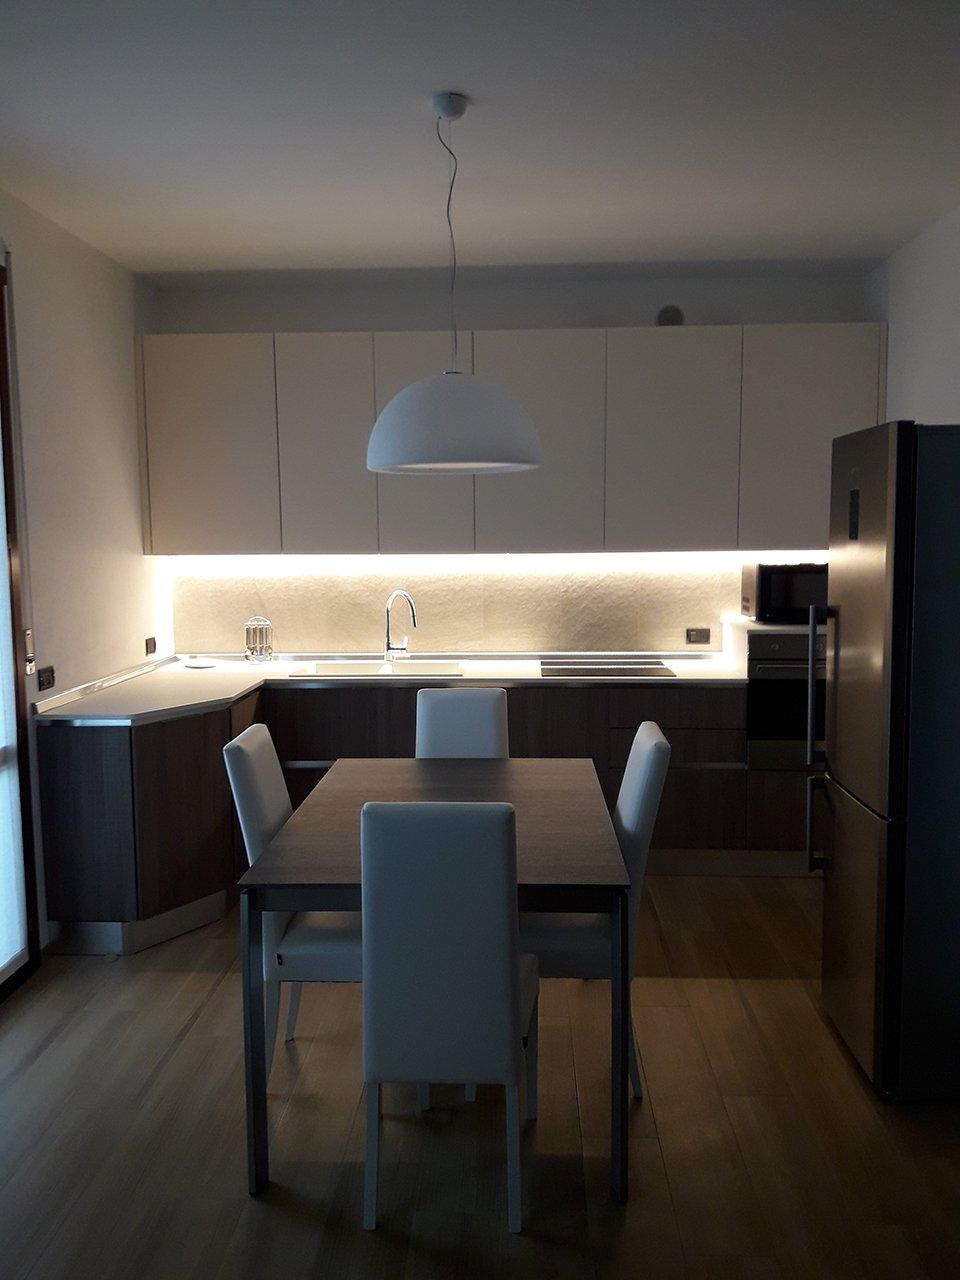 Illuminare la cucina con strisce led e faretti - Architempore